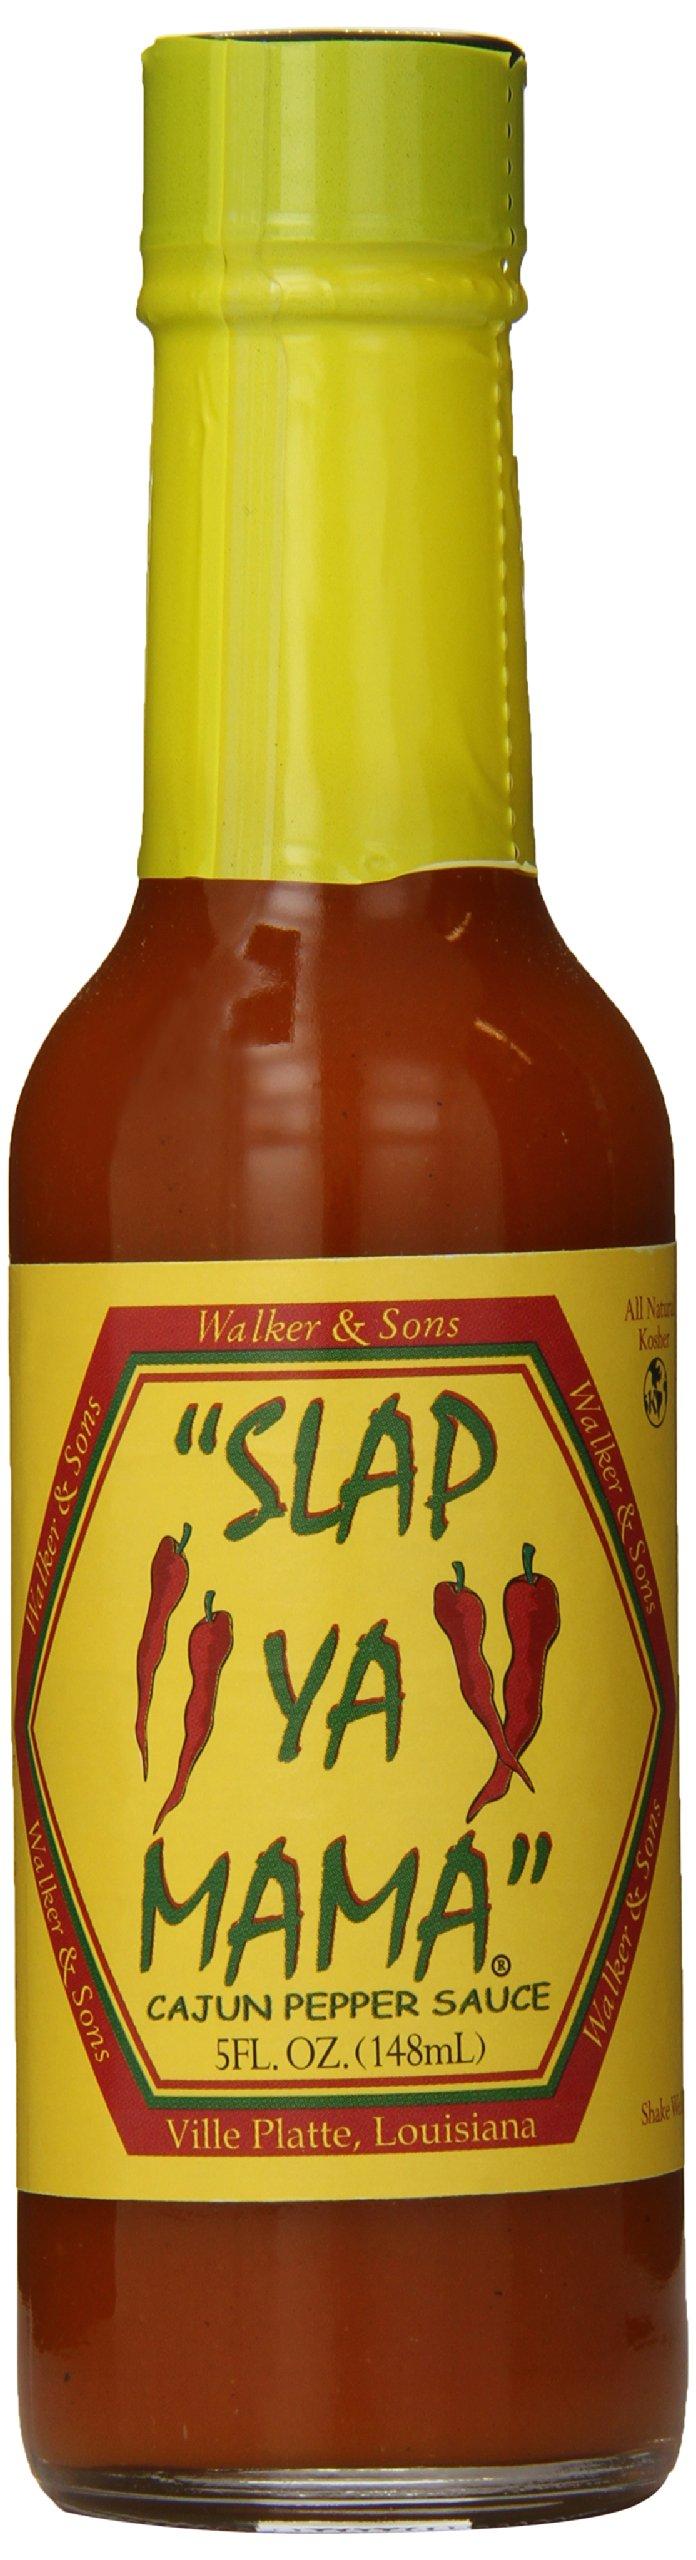 Slap Ya Mama Cajun Pepper Sauce,  5 Ounce